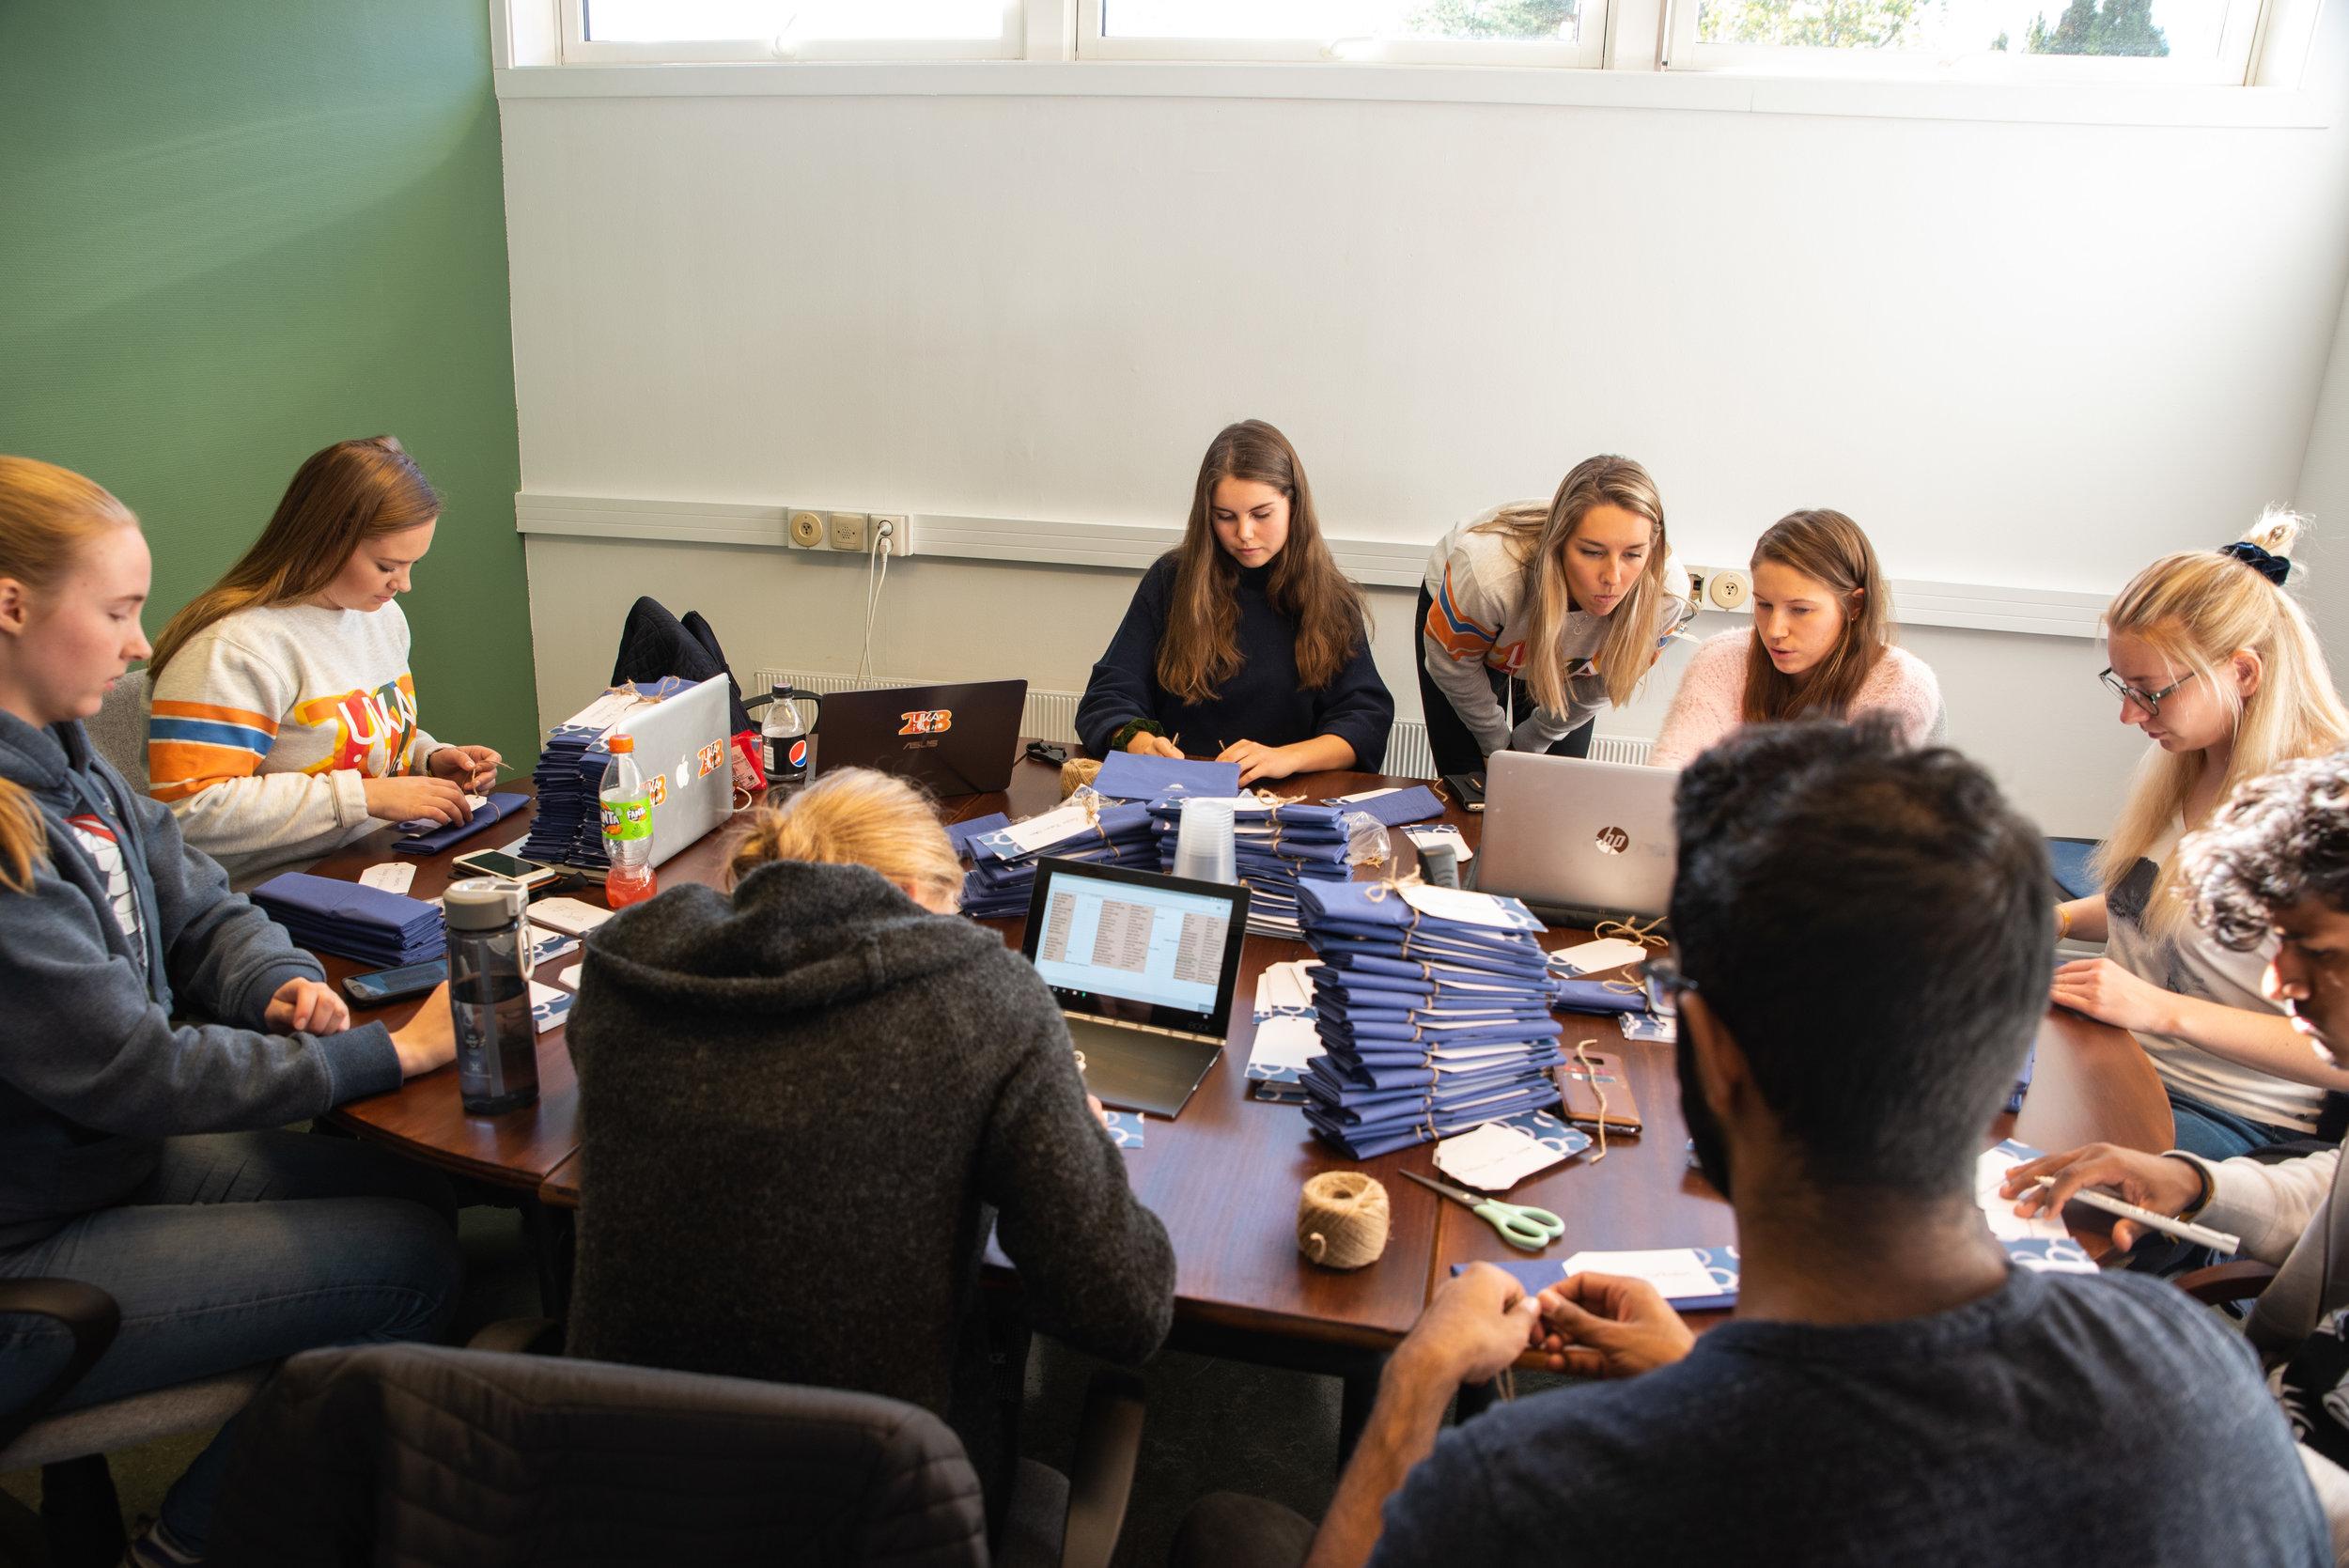 Etter mange ettermiddager og kvelder med forberedelser, planlegging og organisering er denne gjengen klar til å ta deg i mot på student- og URpremieren på UKErevyen - startskuddet for UKA i Ås 2018 . Foto: UKA i Ås.